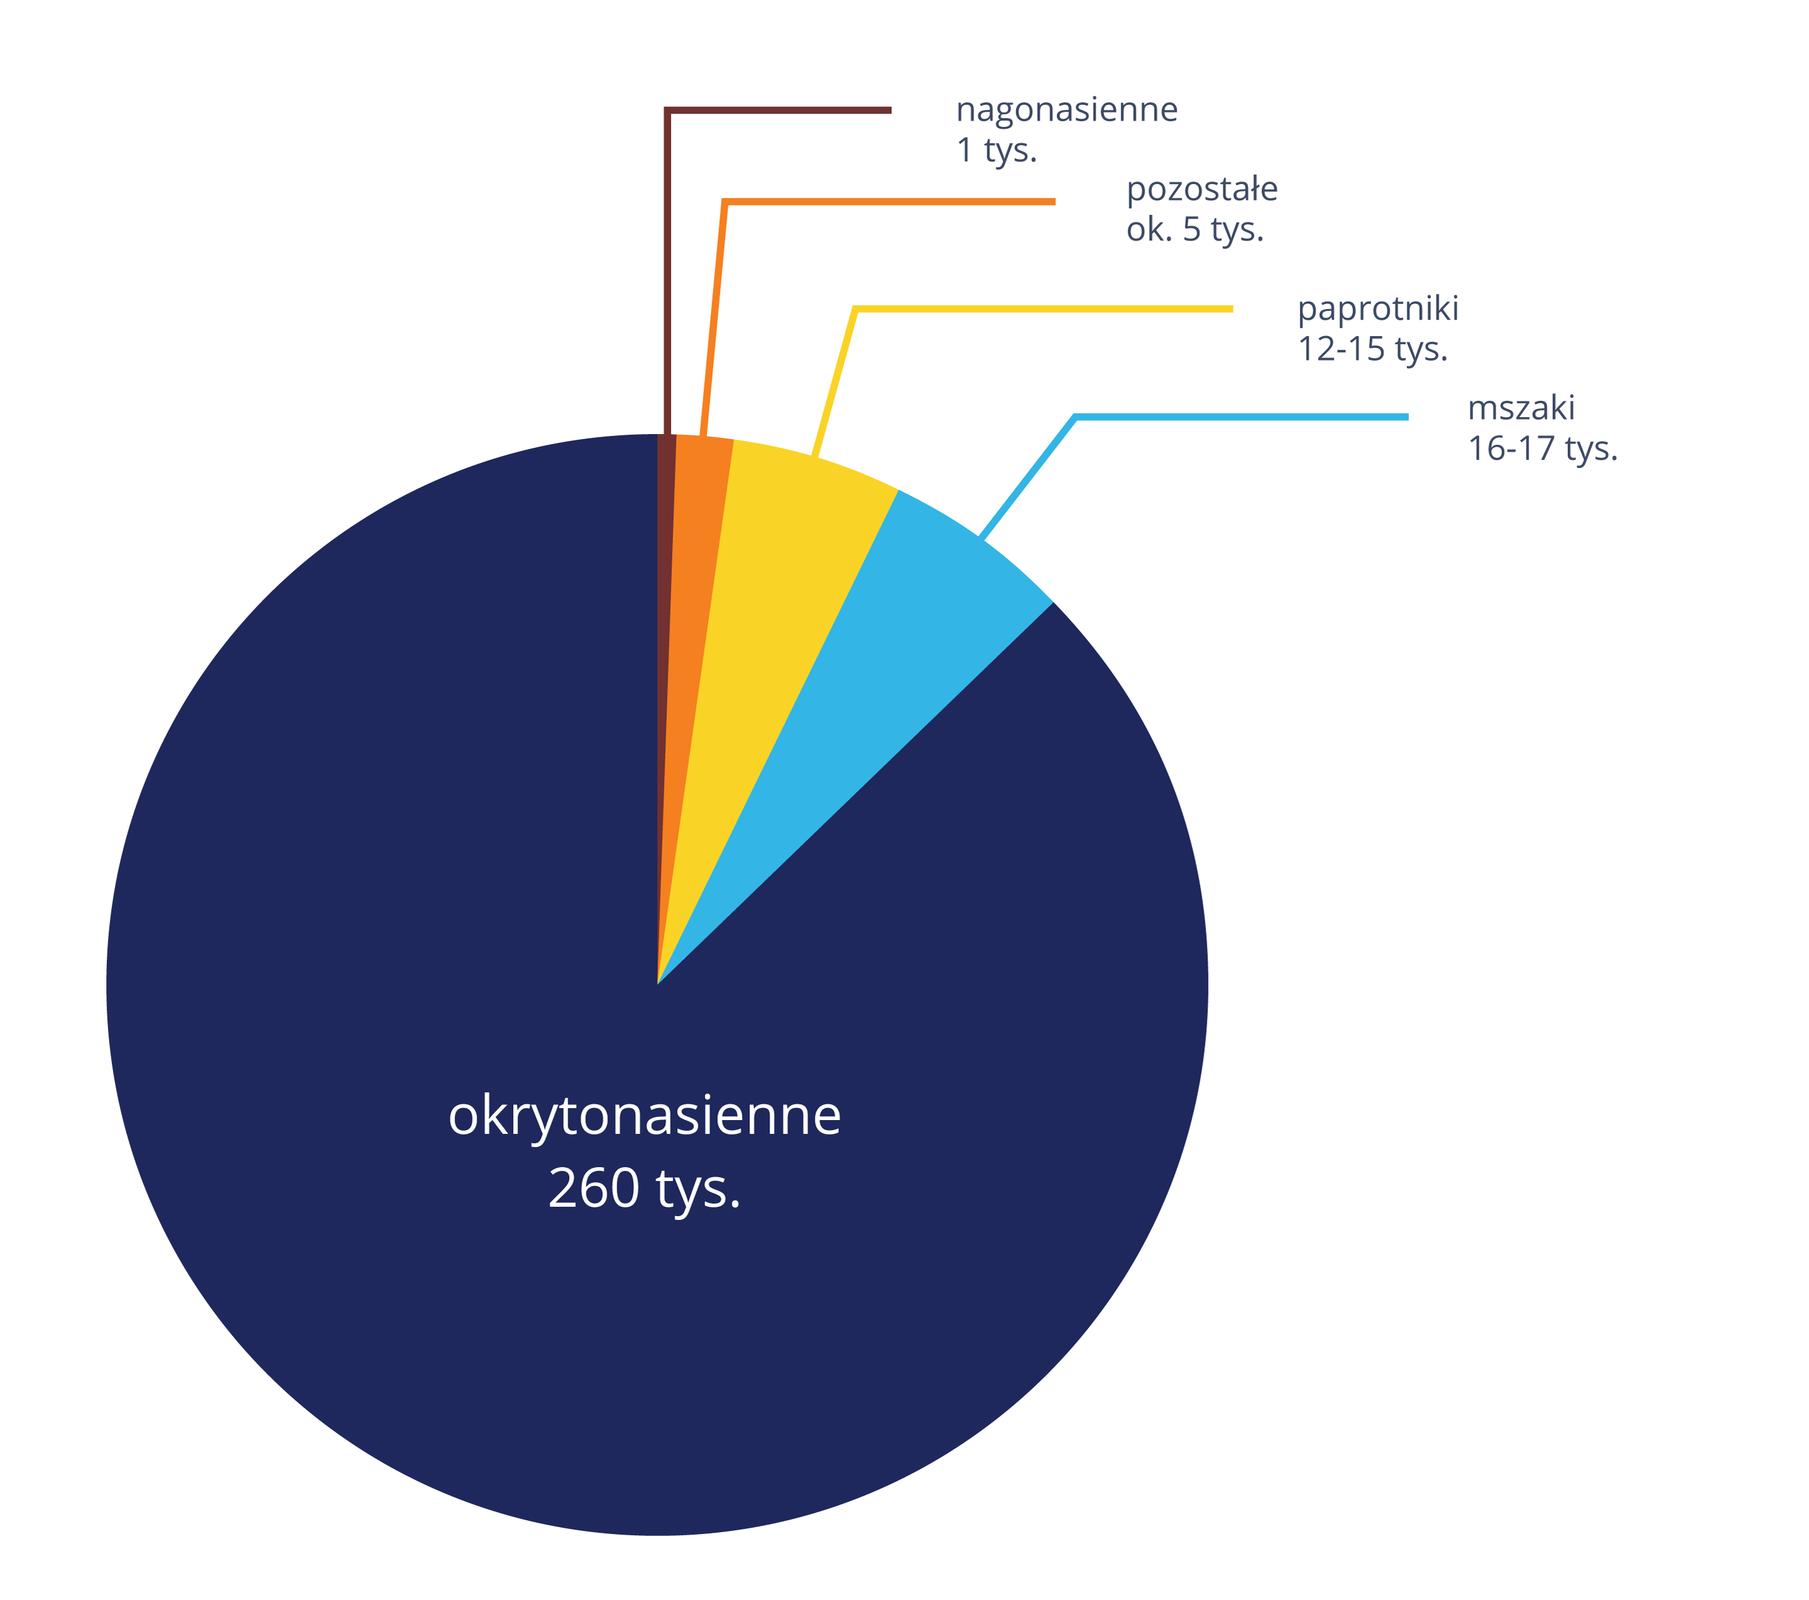 Ilustracja przedstawia wielobarwny diagram kołowy, ukazujący różnorodność gatunkową roślin do 2012 roku. Wielkość wycinka obrazuje udział procentowy danej grupy. Każdy wycinek jest odpowiednio podpisany.